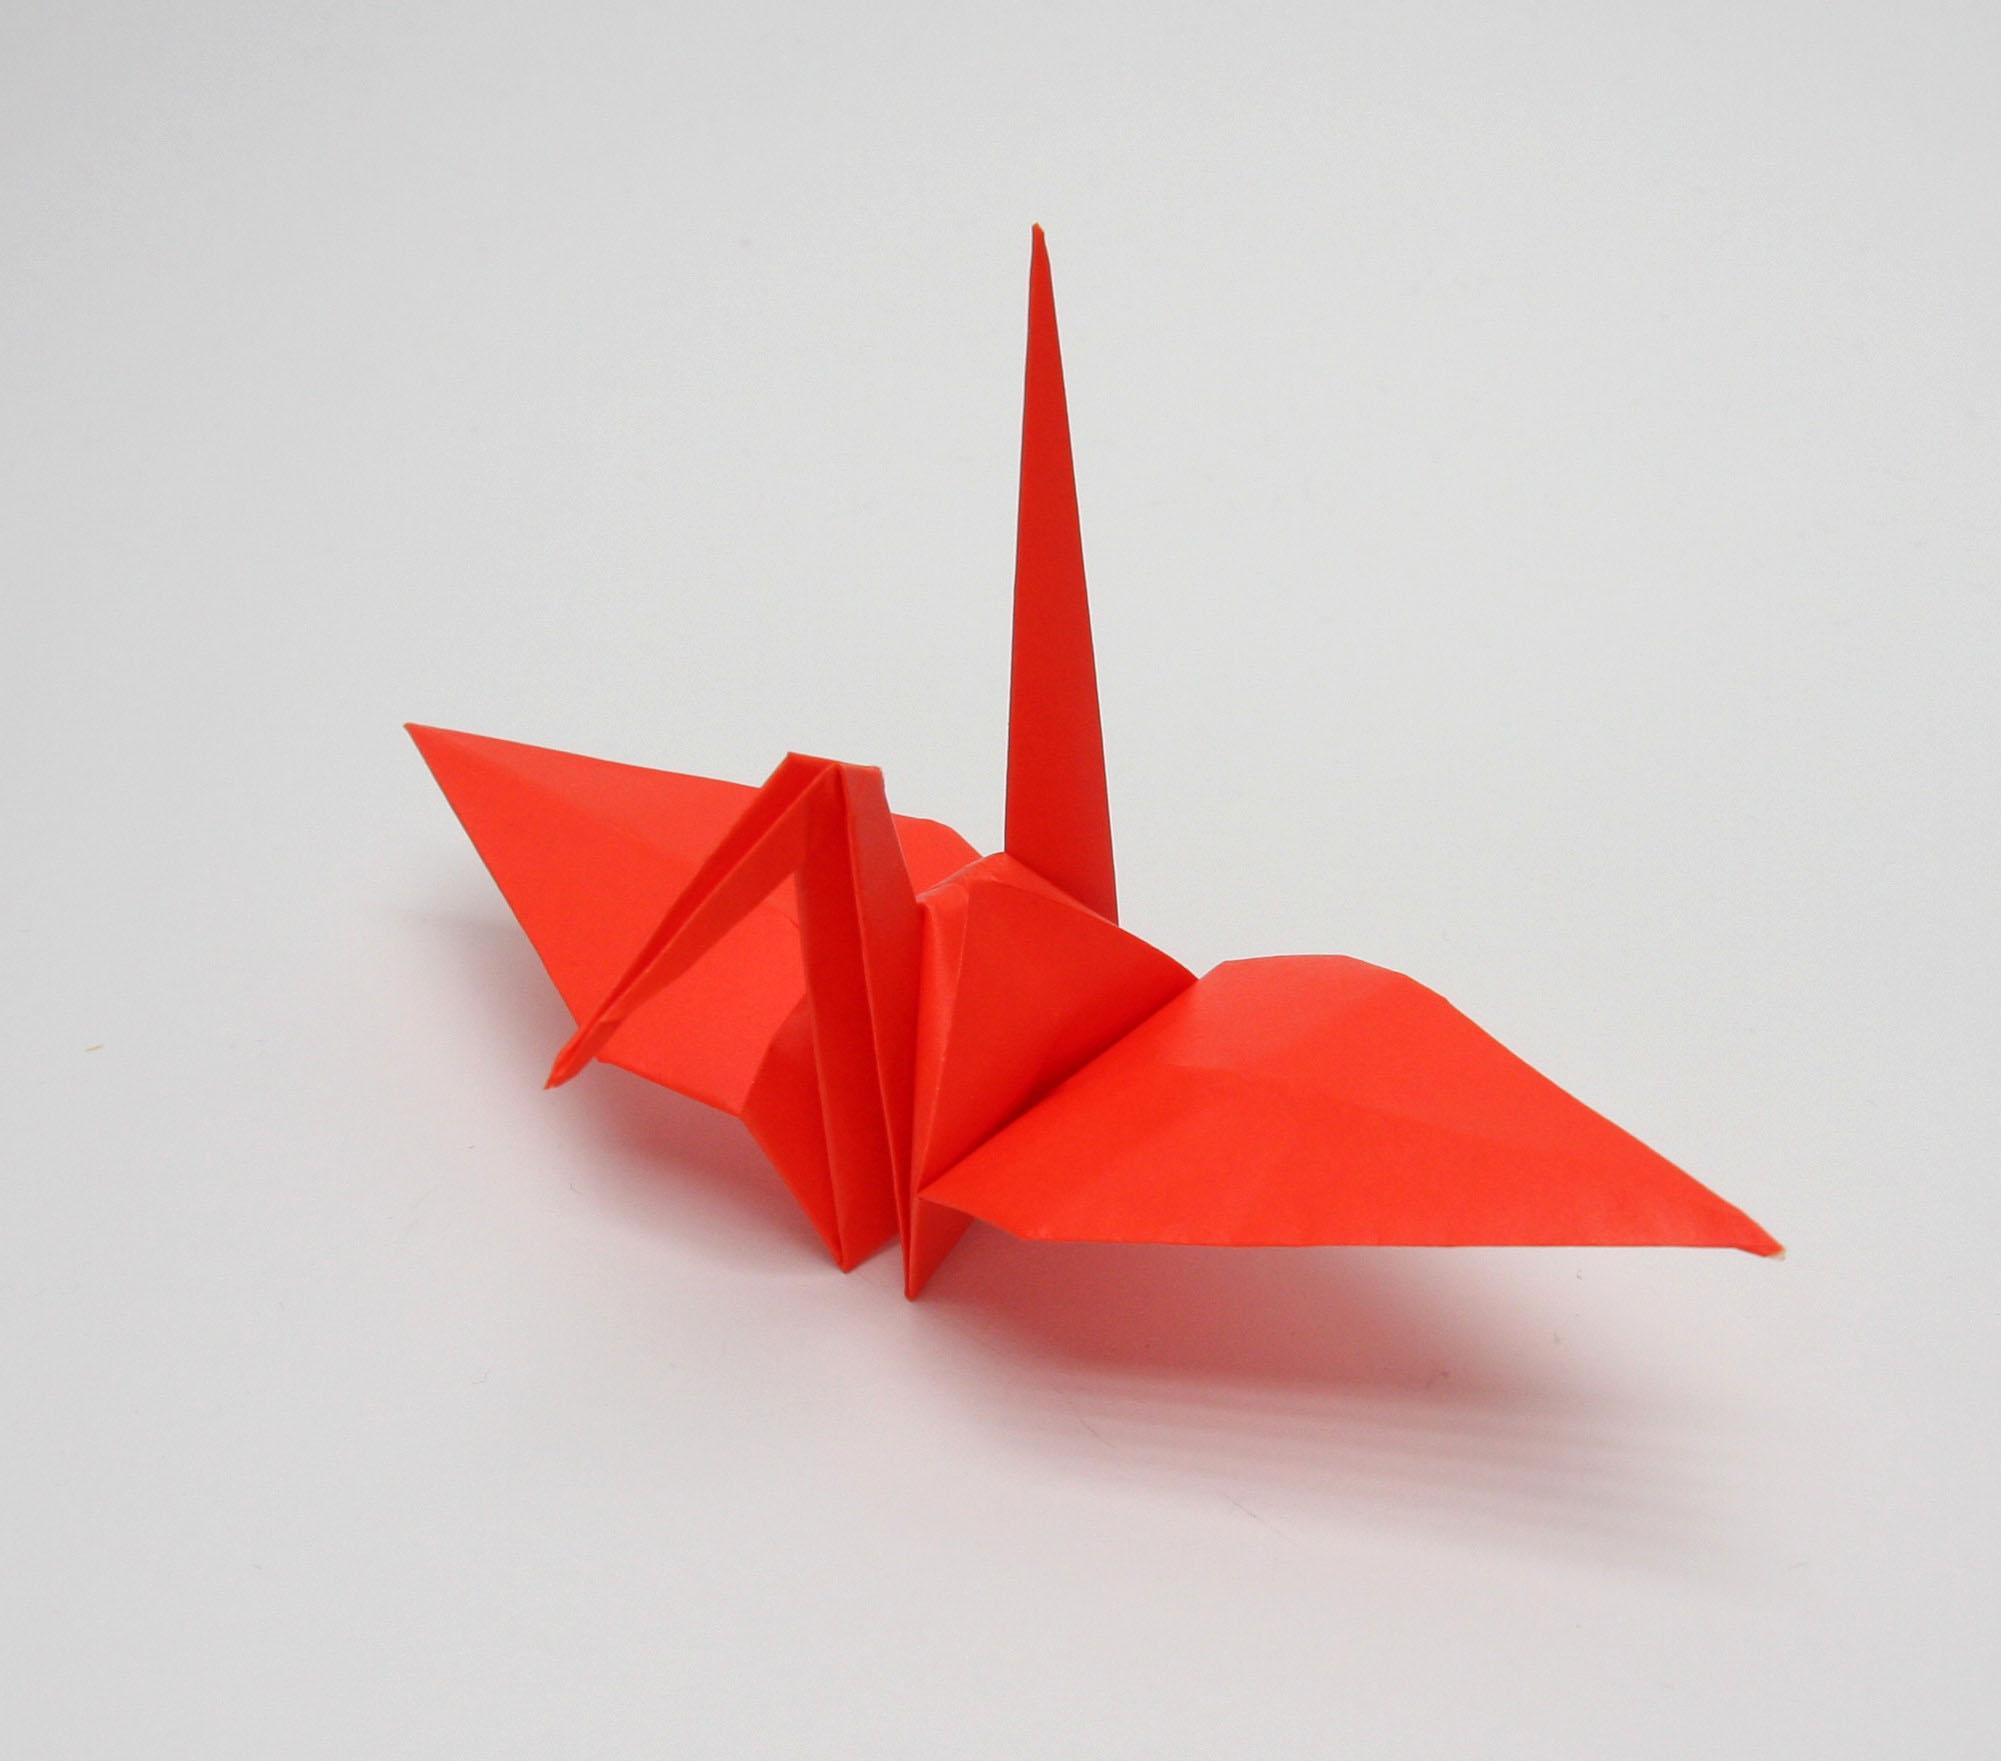 すべての折り紙 兜 折り紙 : All Types of Origami Folds